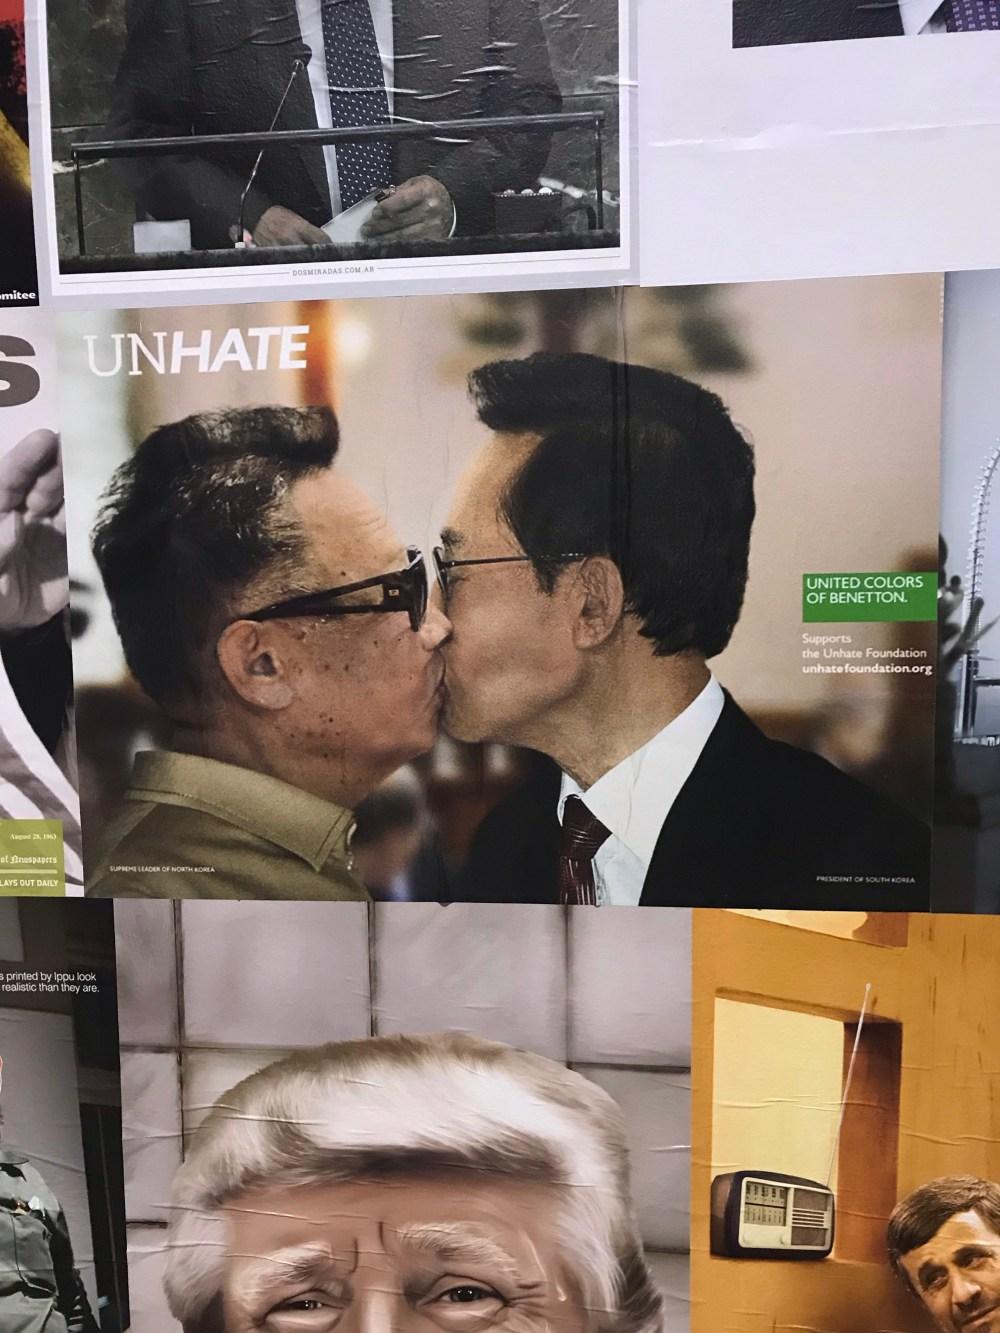 Uma das exposições que vimos no museu de arte contemporânea de Valência abordava campanhas com causa